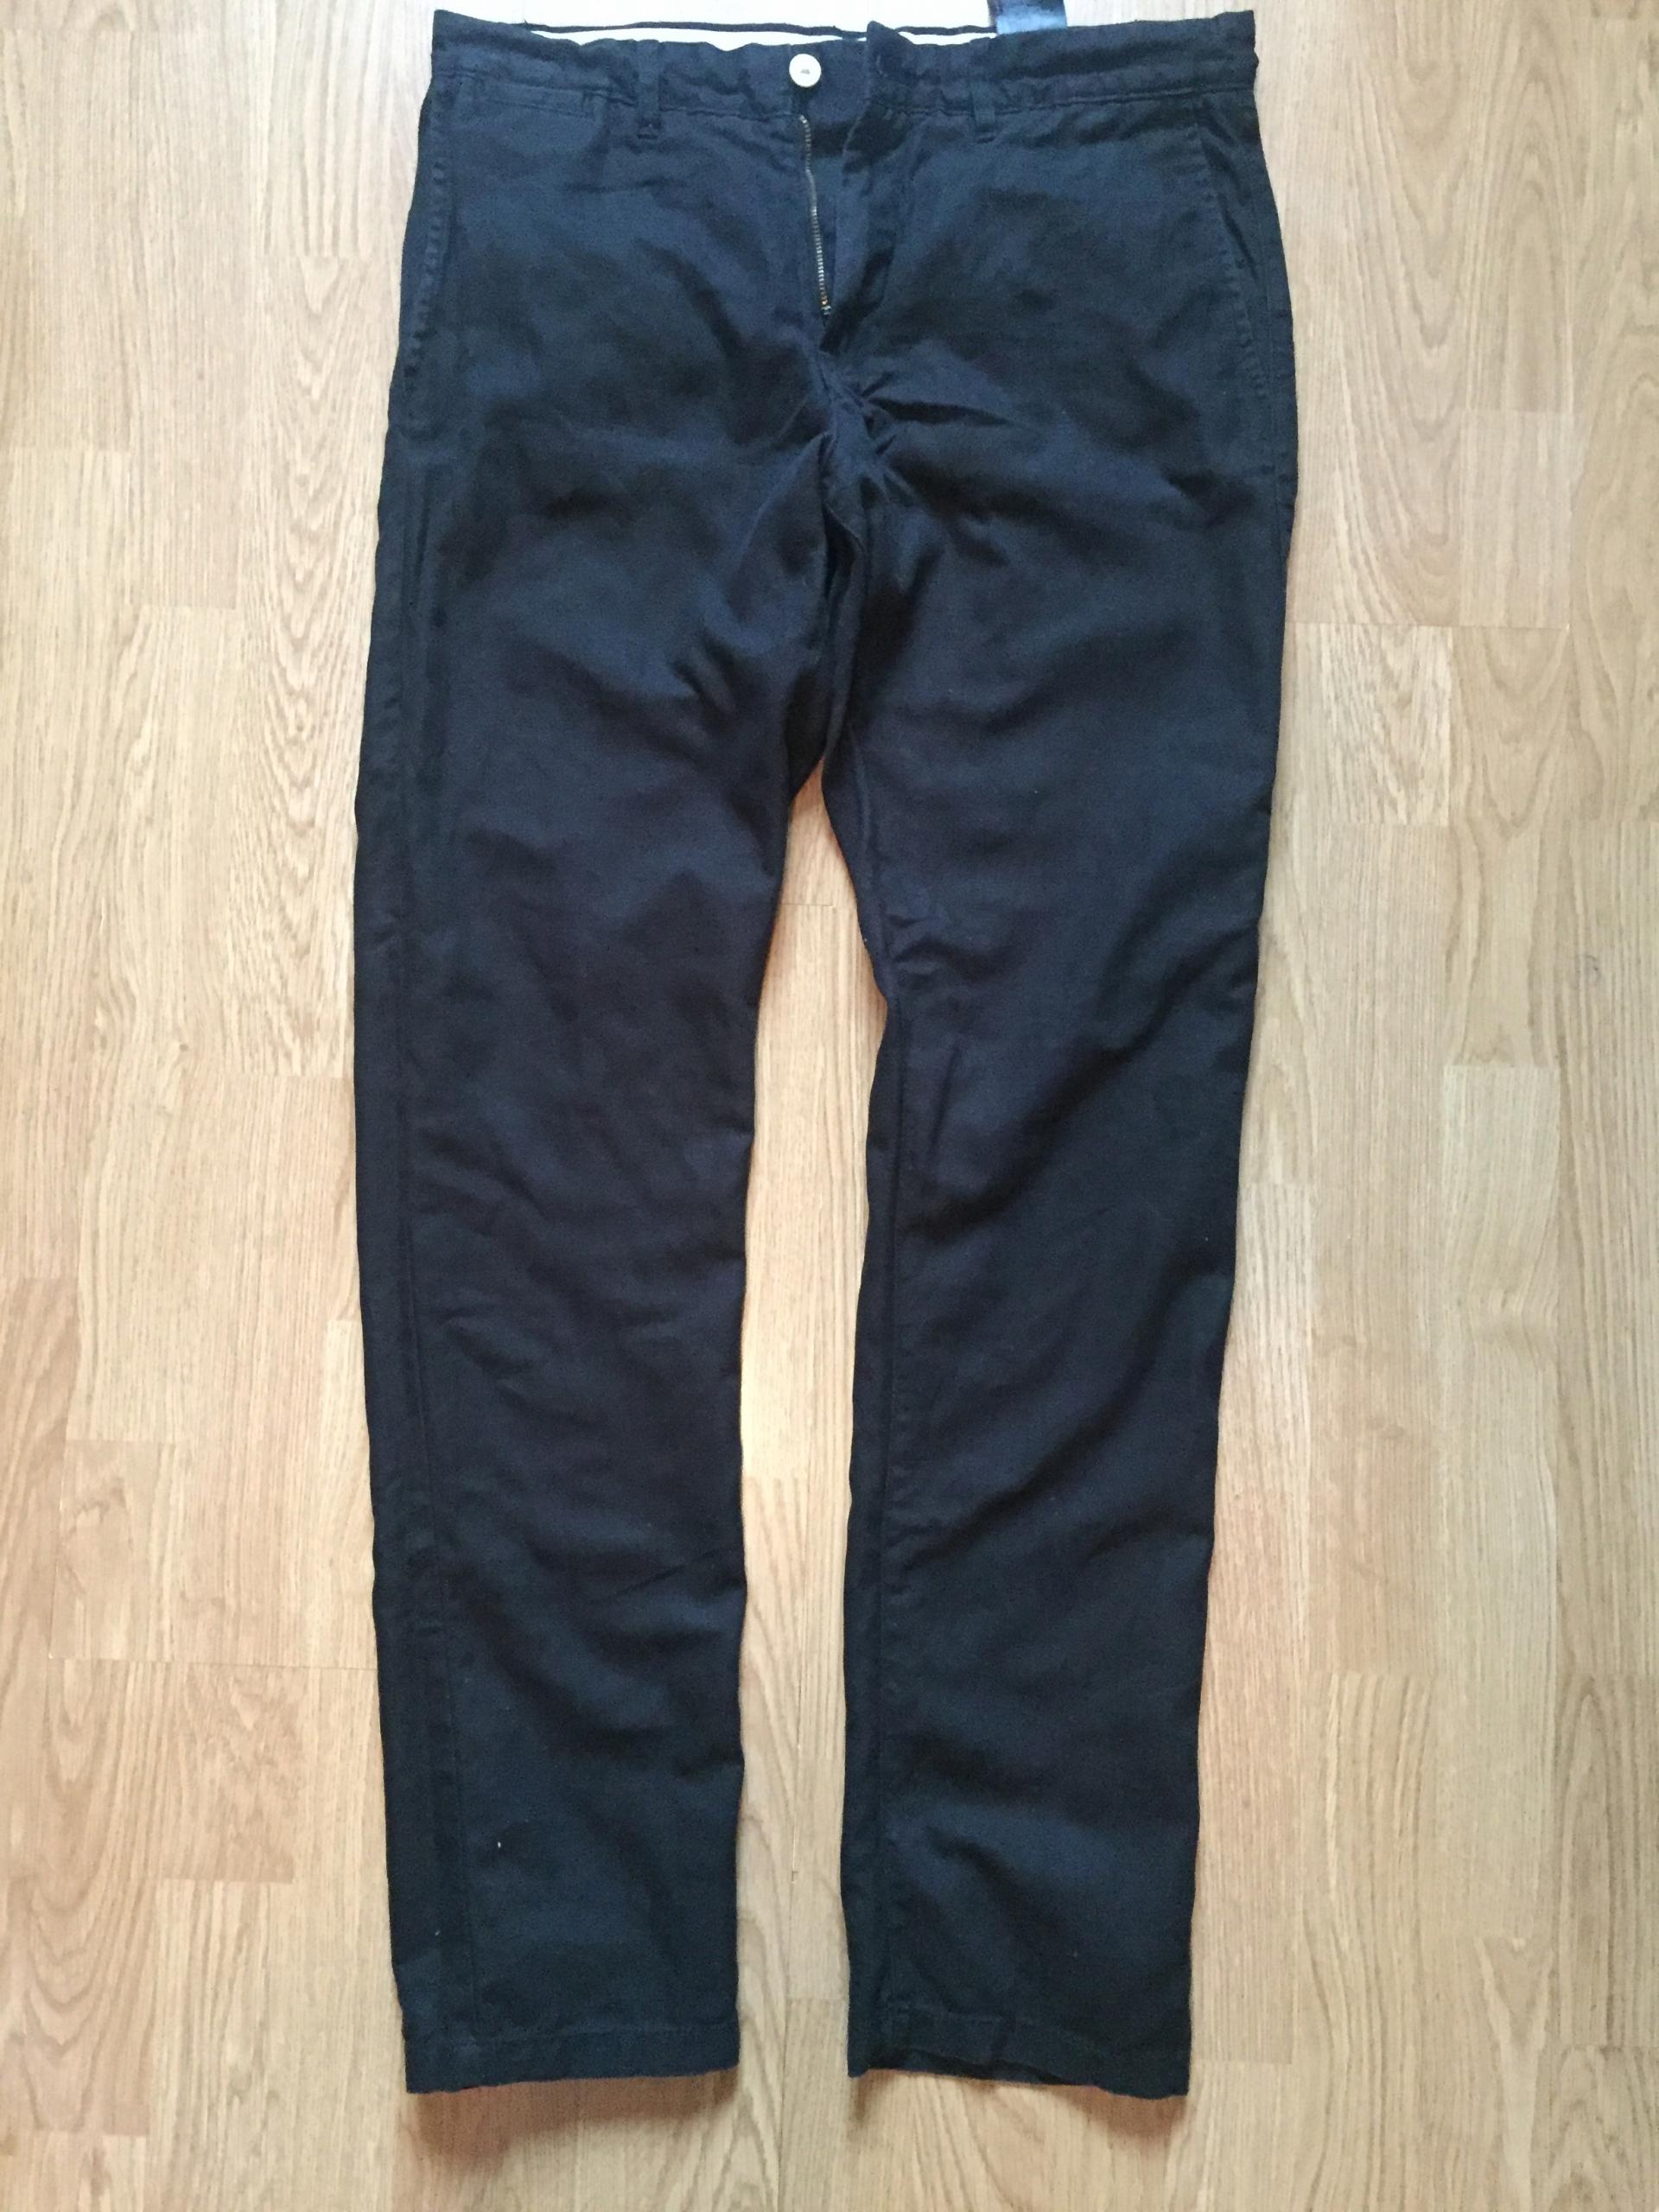 c686edc244136 spodnie męskie H&M 32 len lniane bawełna - 7482746436 - oficjalne ...